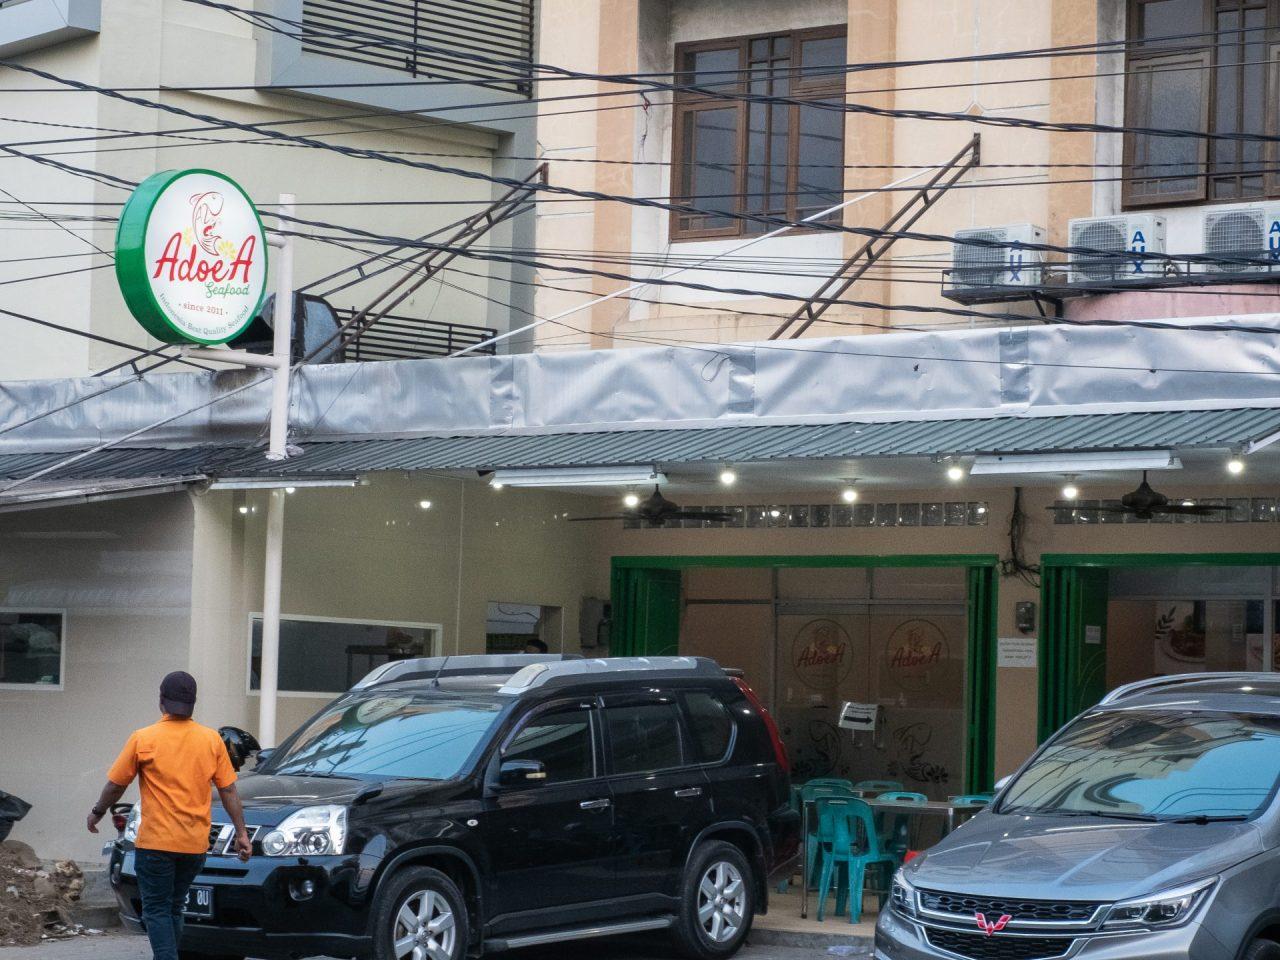 Renovasi RM AdoeA Seafood Restaurant yang Mengejutkan di awal tahun 2020. 31